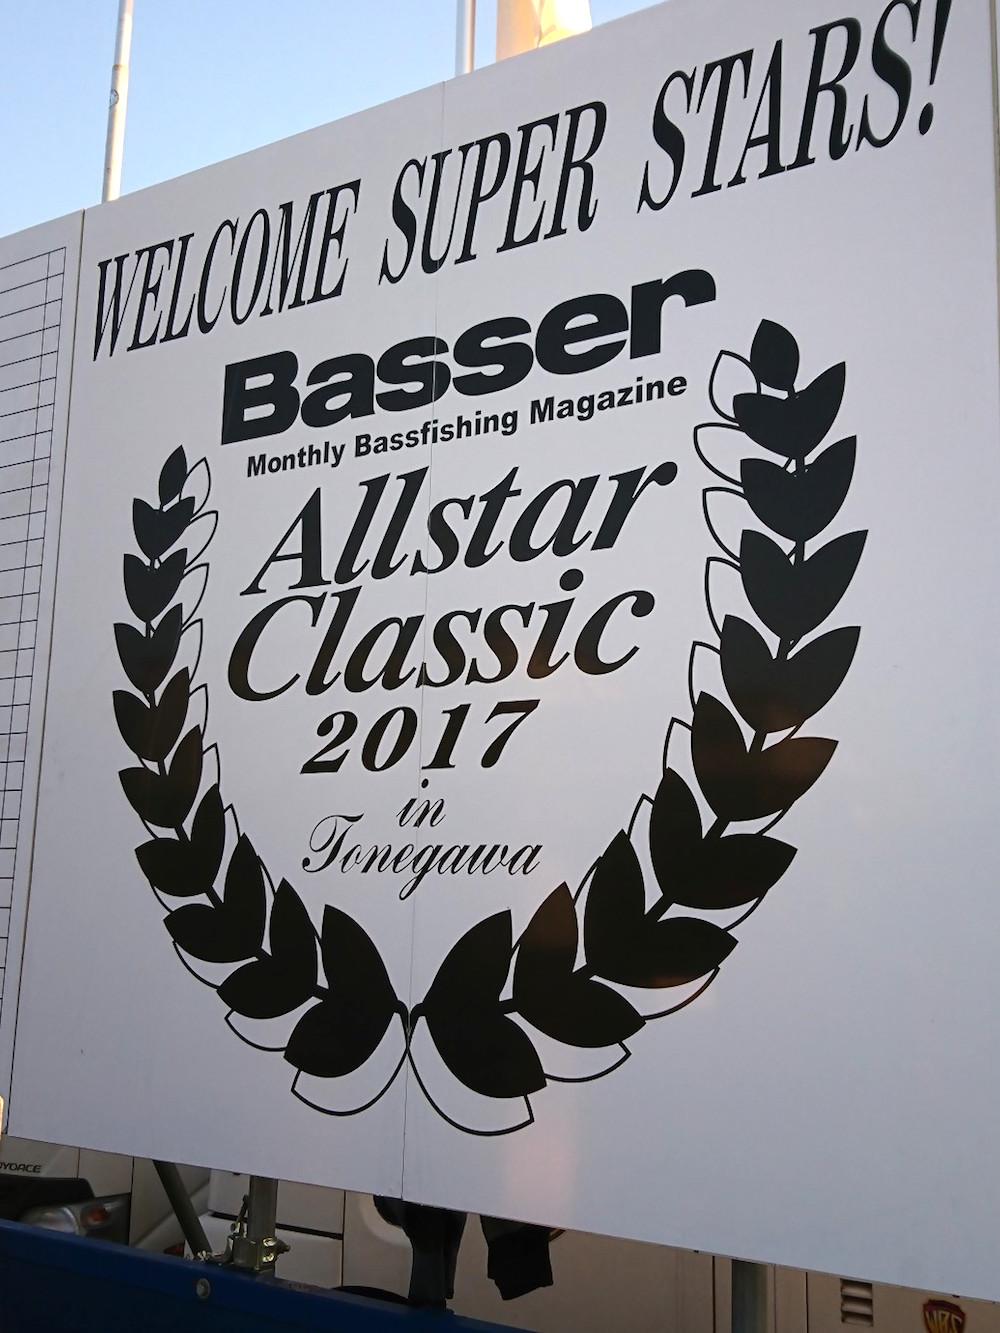 バサーオールスタークラシック2017